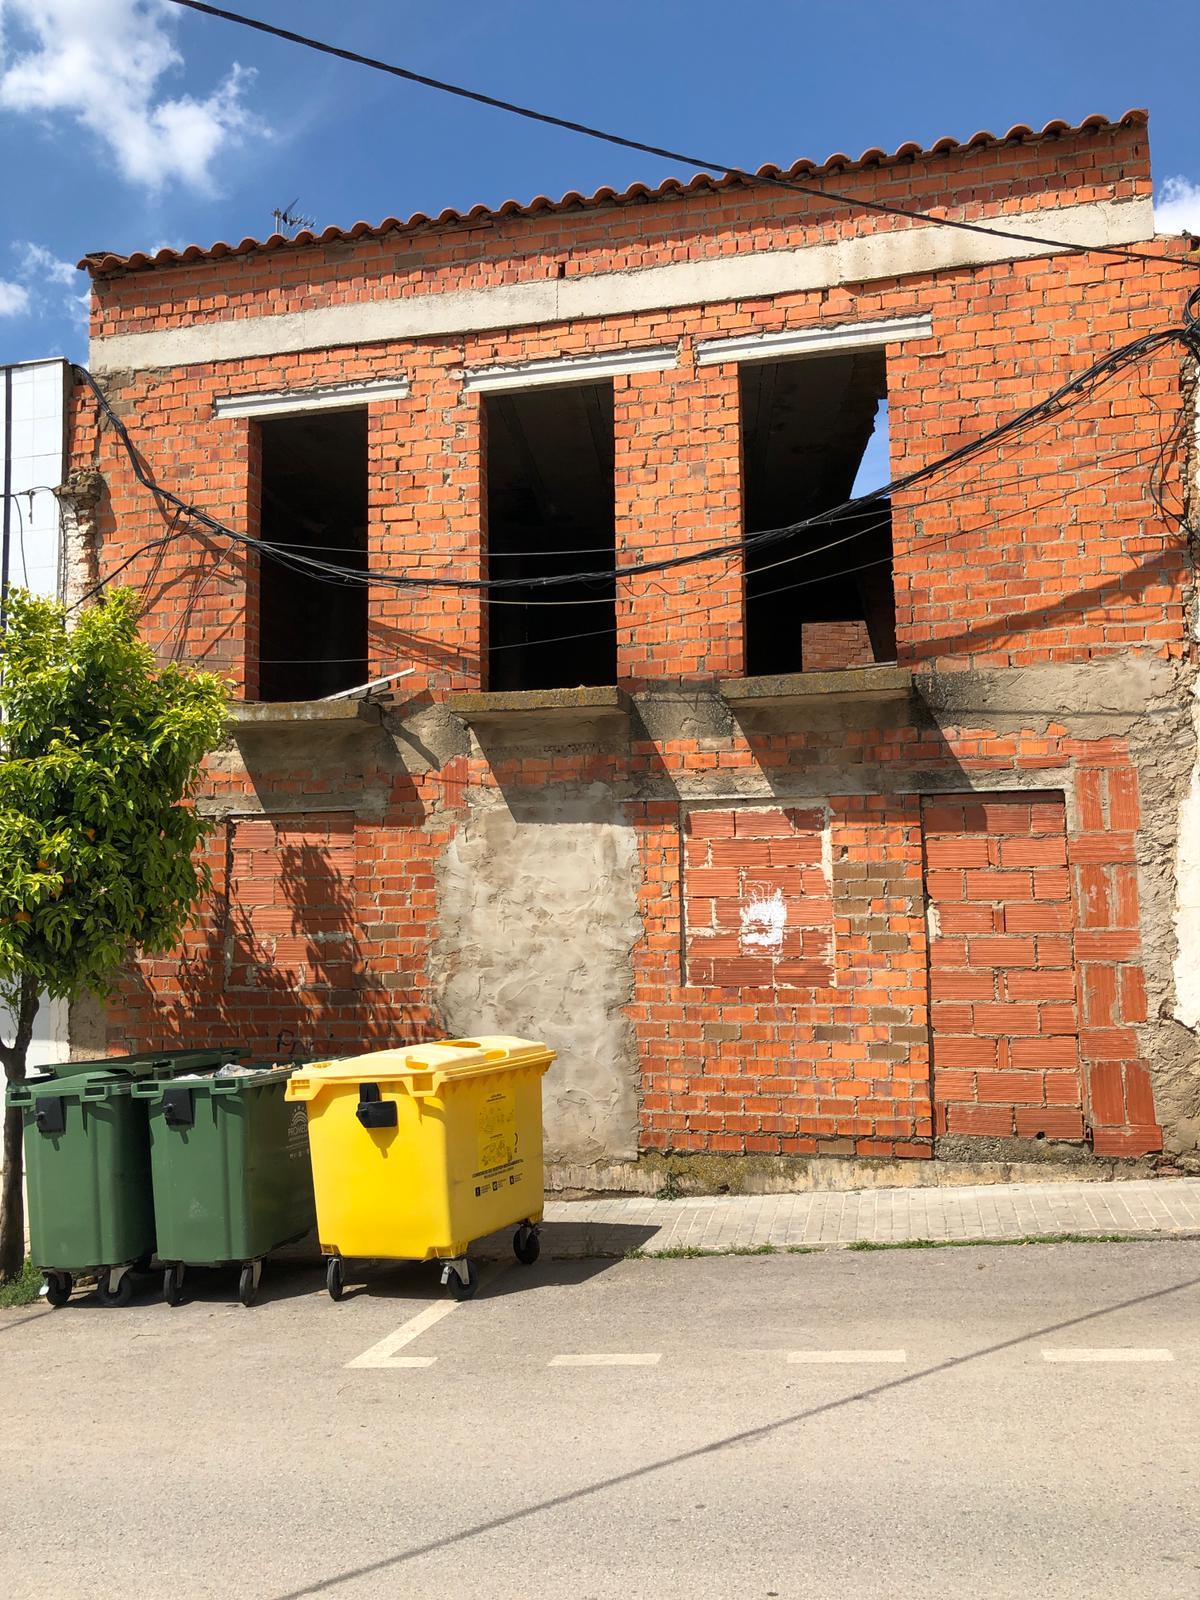 Piso en venta en Casco Antiguo, Puebla de Sancho Pérez, Badajoz, Calle la Fuente, 15.000 €, 1 habitación, 1 baño, 86 m2